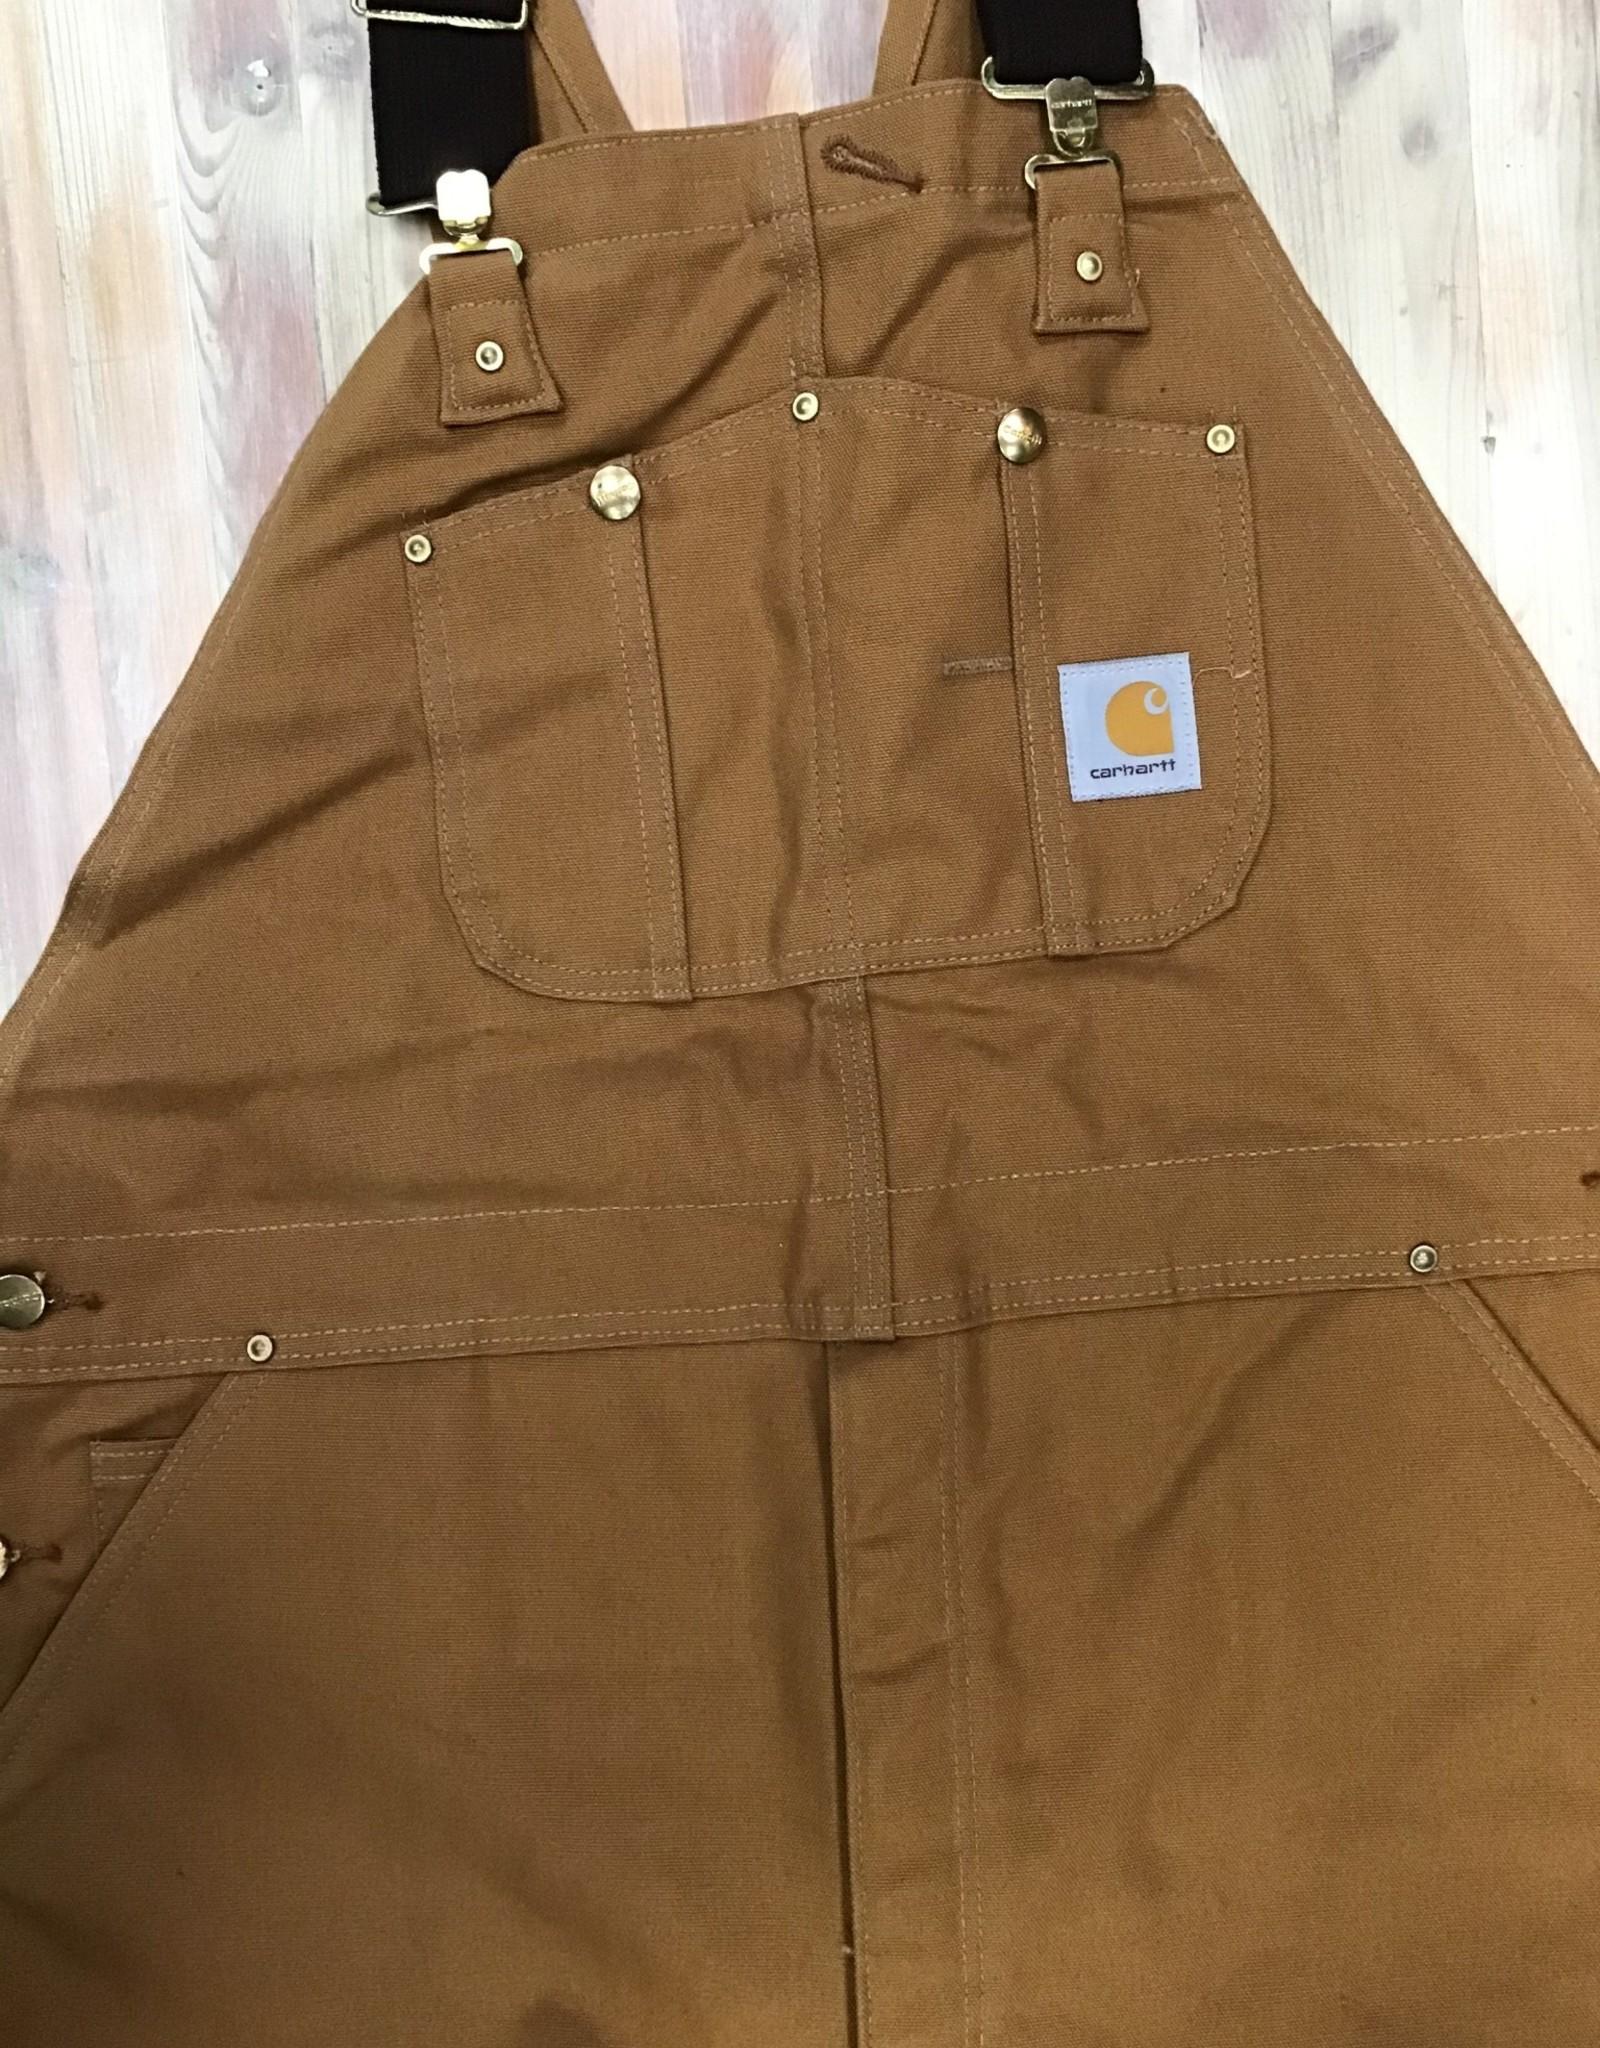 Carhartt Carhartt R02 Duck Zip-to-Thigh Quilt Lined Men's